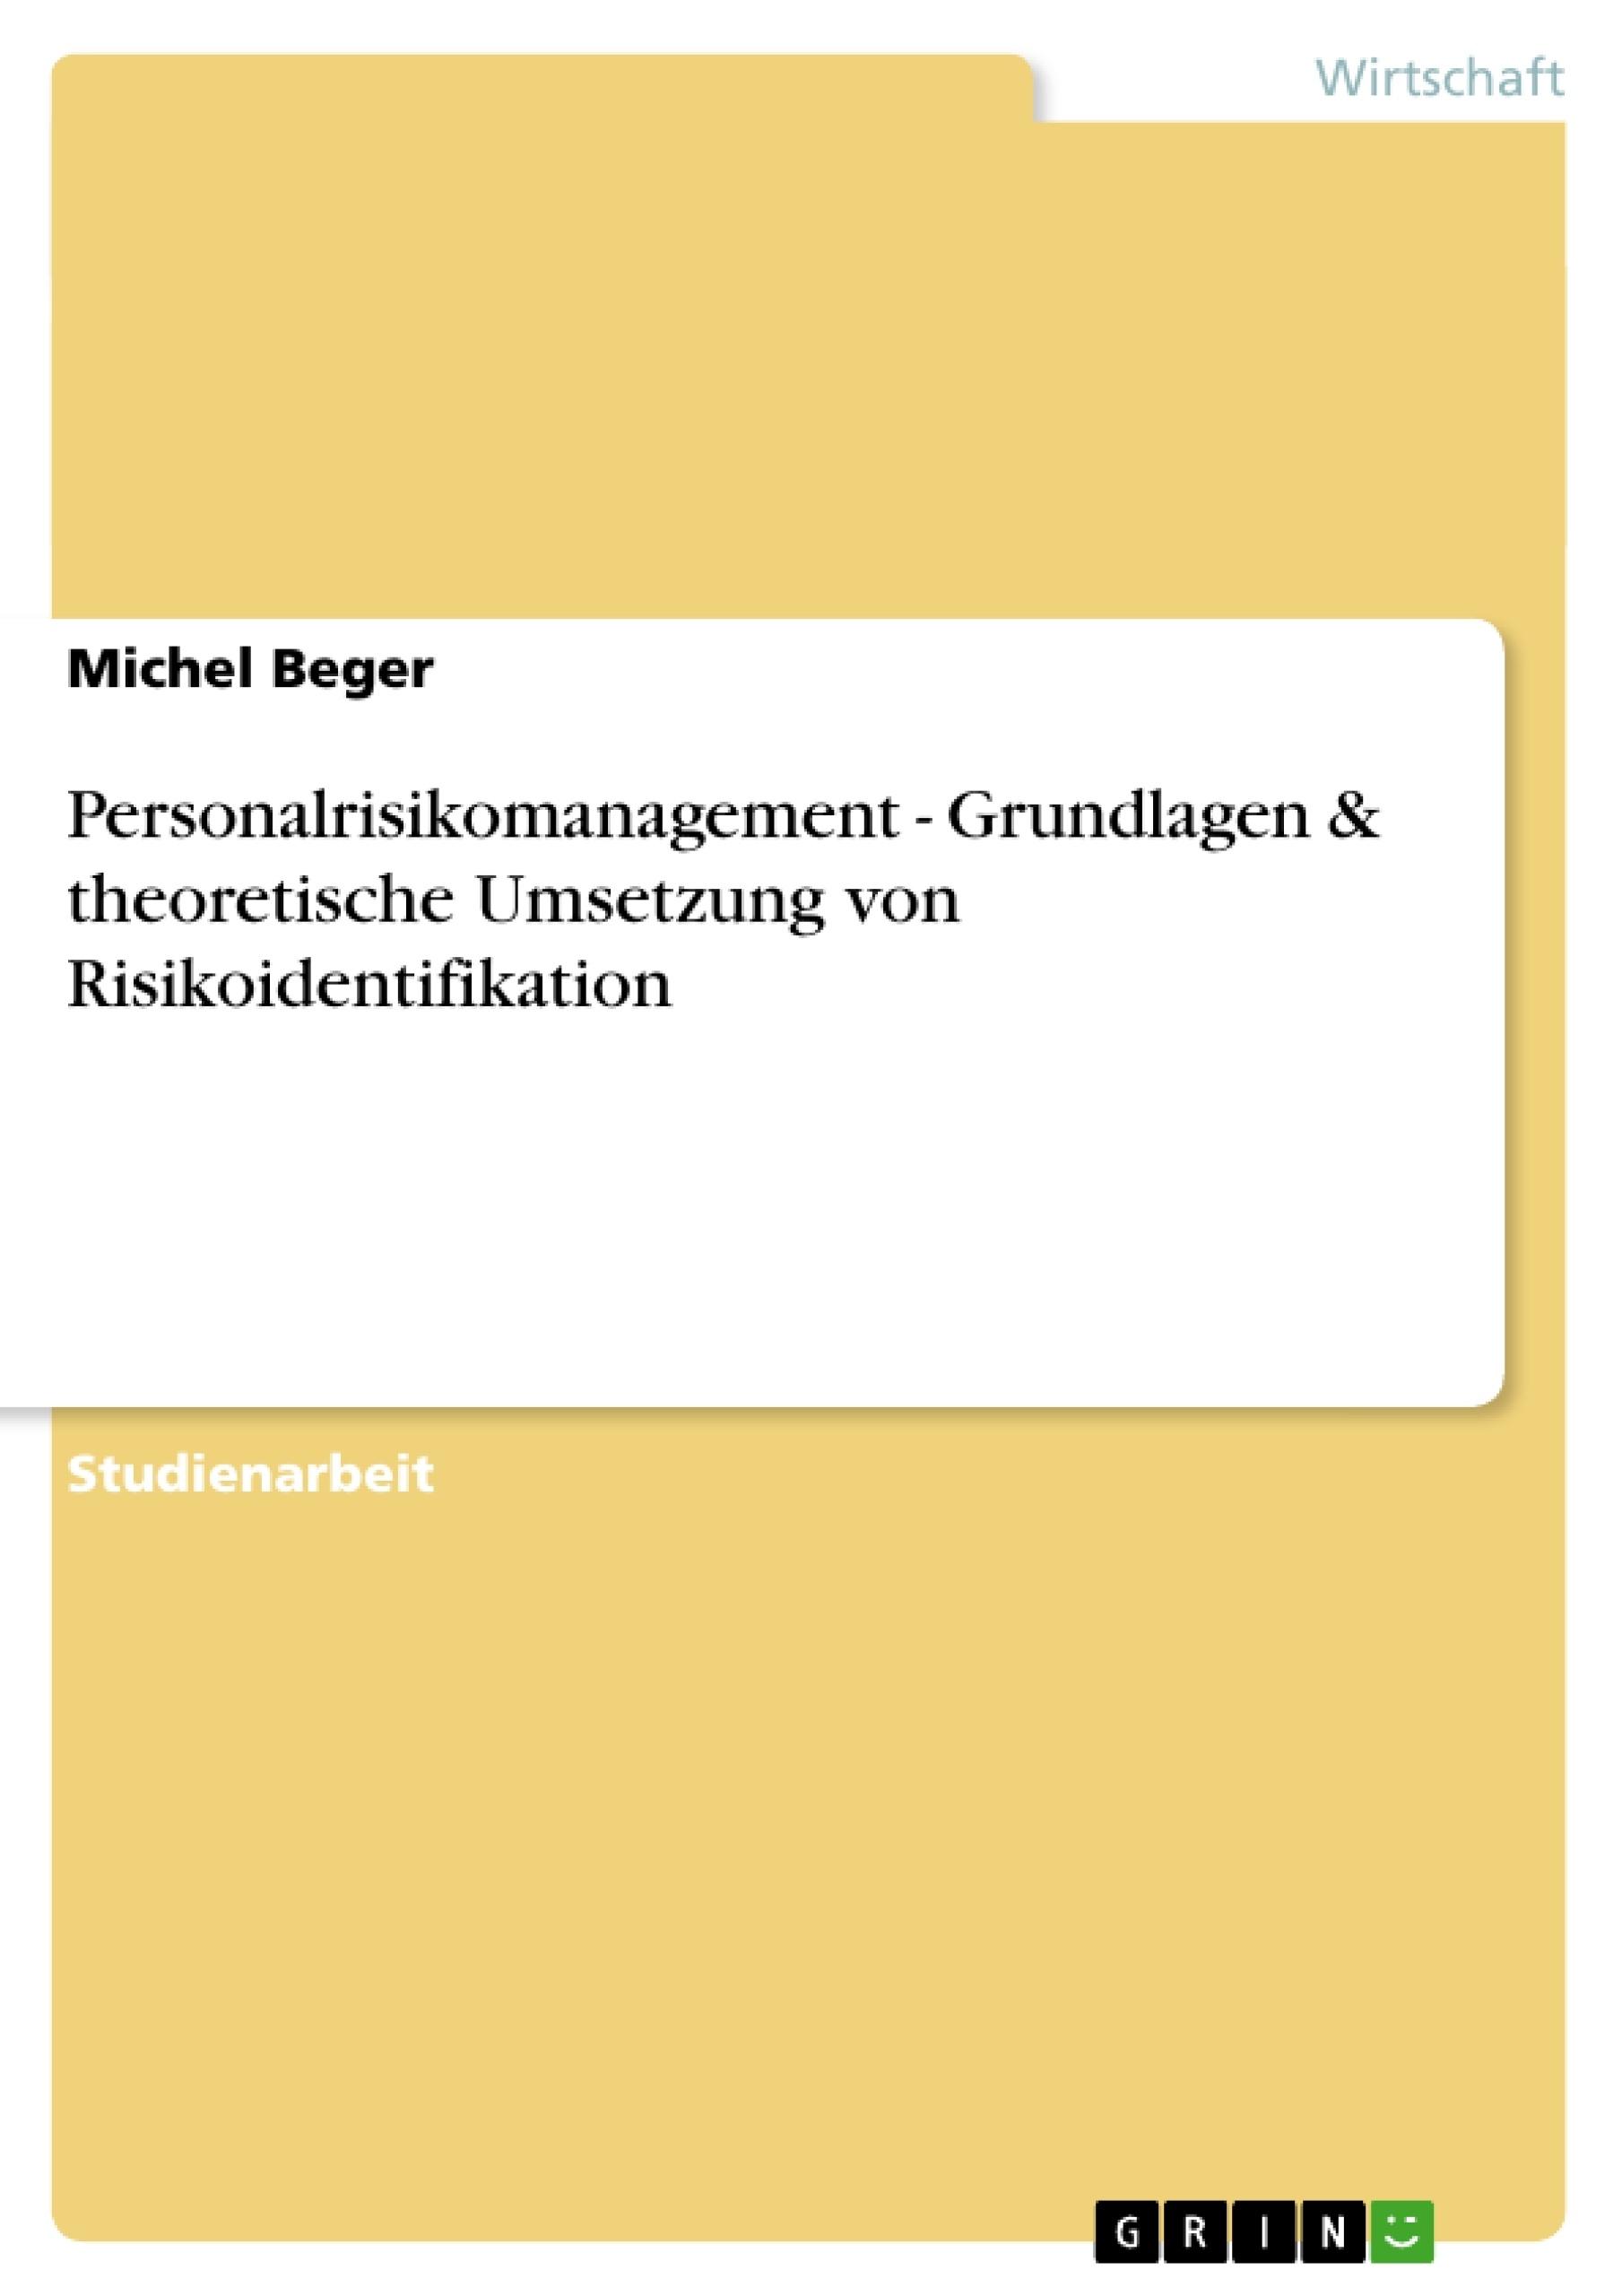 Titel: Personalrisikomanagement - Grundlagen & theoretische Umsetzung von Risikoidentifikation